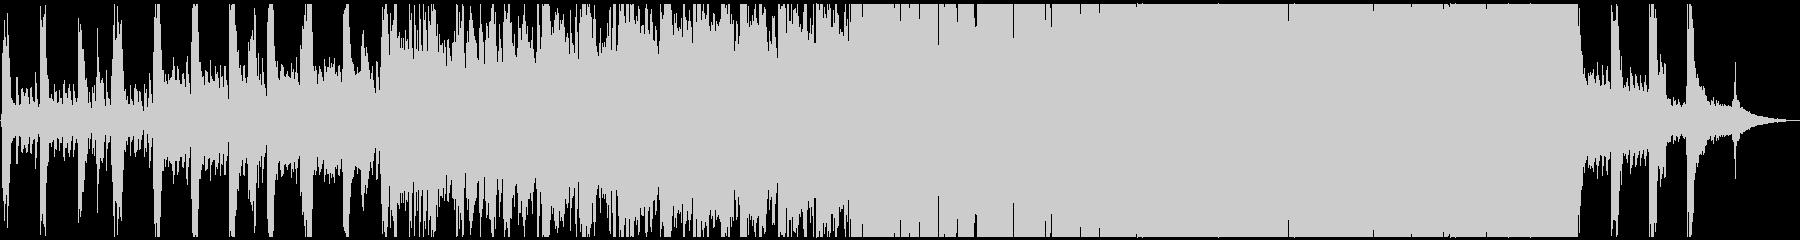 現代の交響曲 劇的な 神経質 文字...の未再生の波形